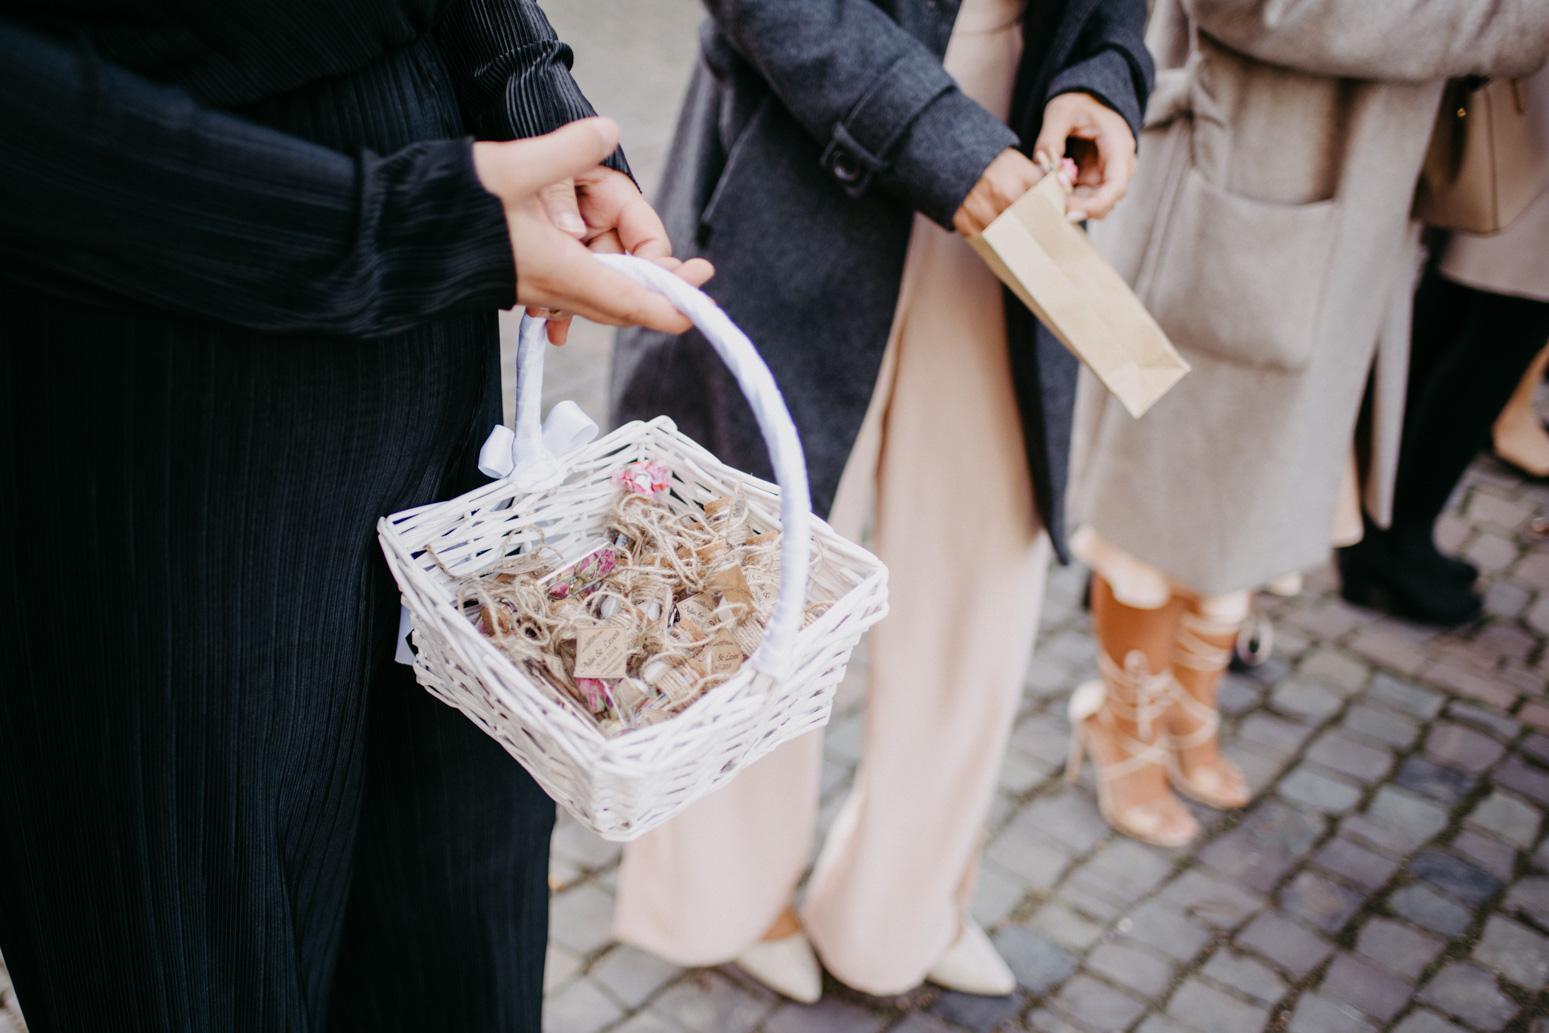 Gäste mit Süßigkeiten beim Auszug des Brautpaares aus dem Schloss Broich